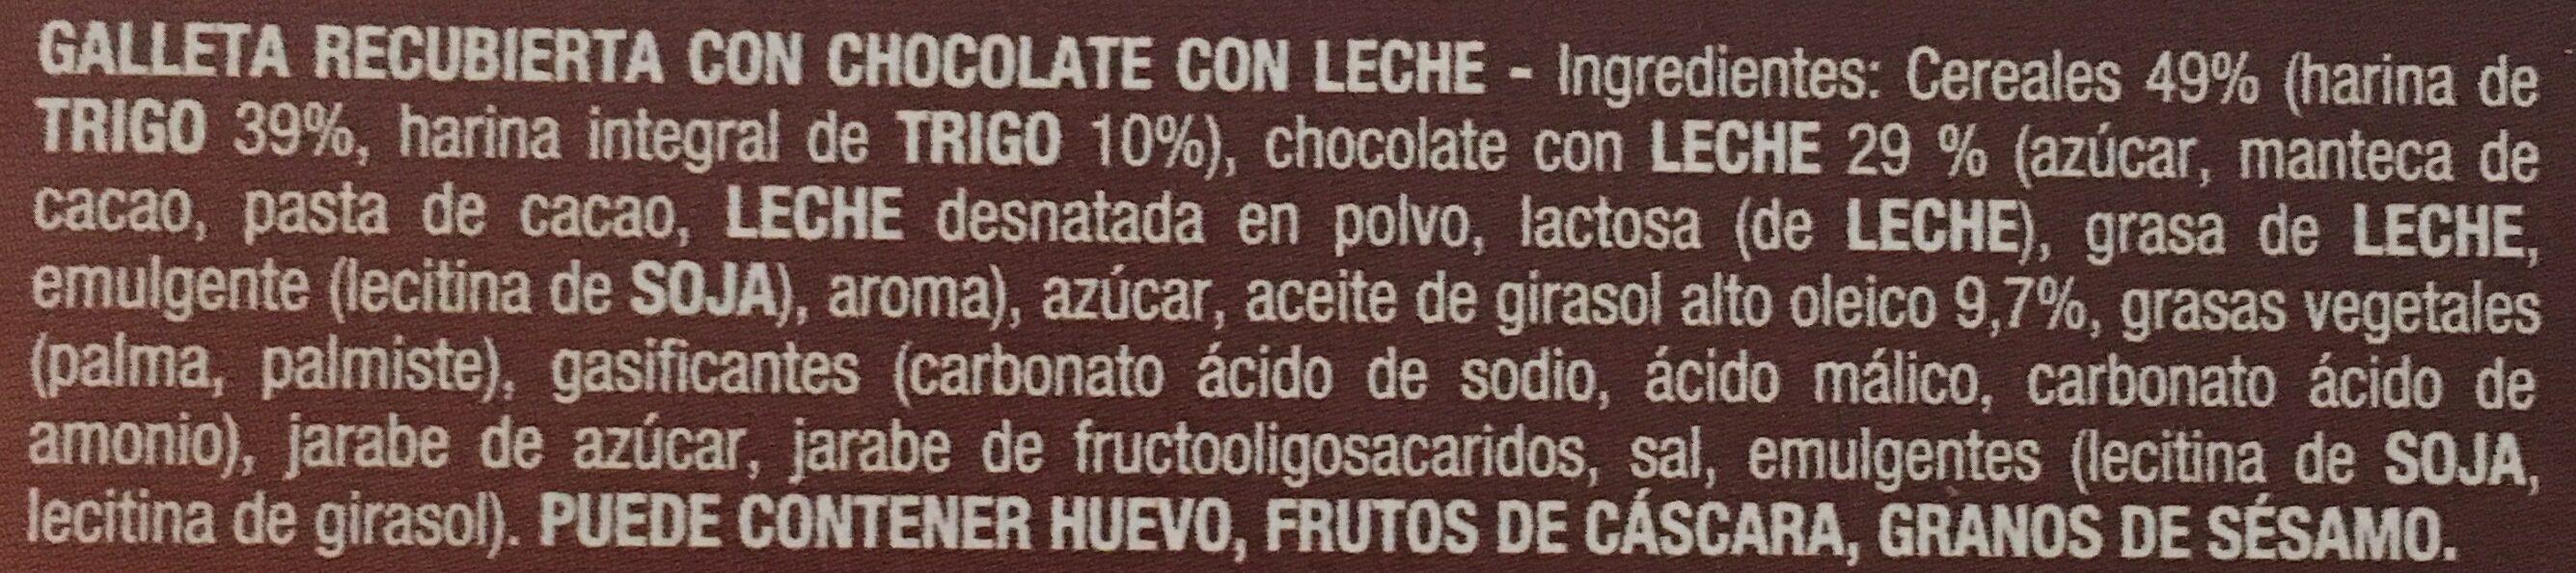 Galletas Digestive con chocolate con leche - Ingredients - es